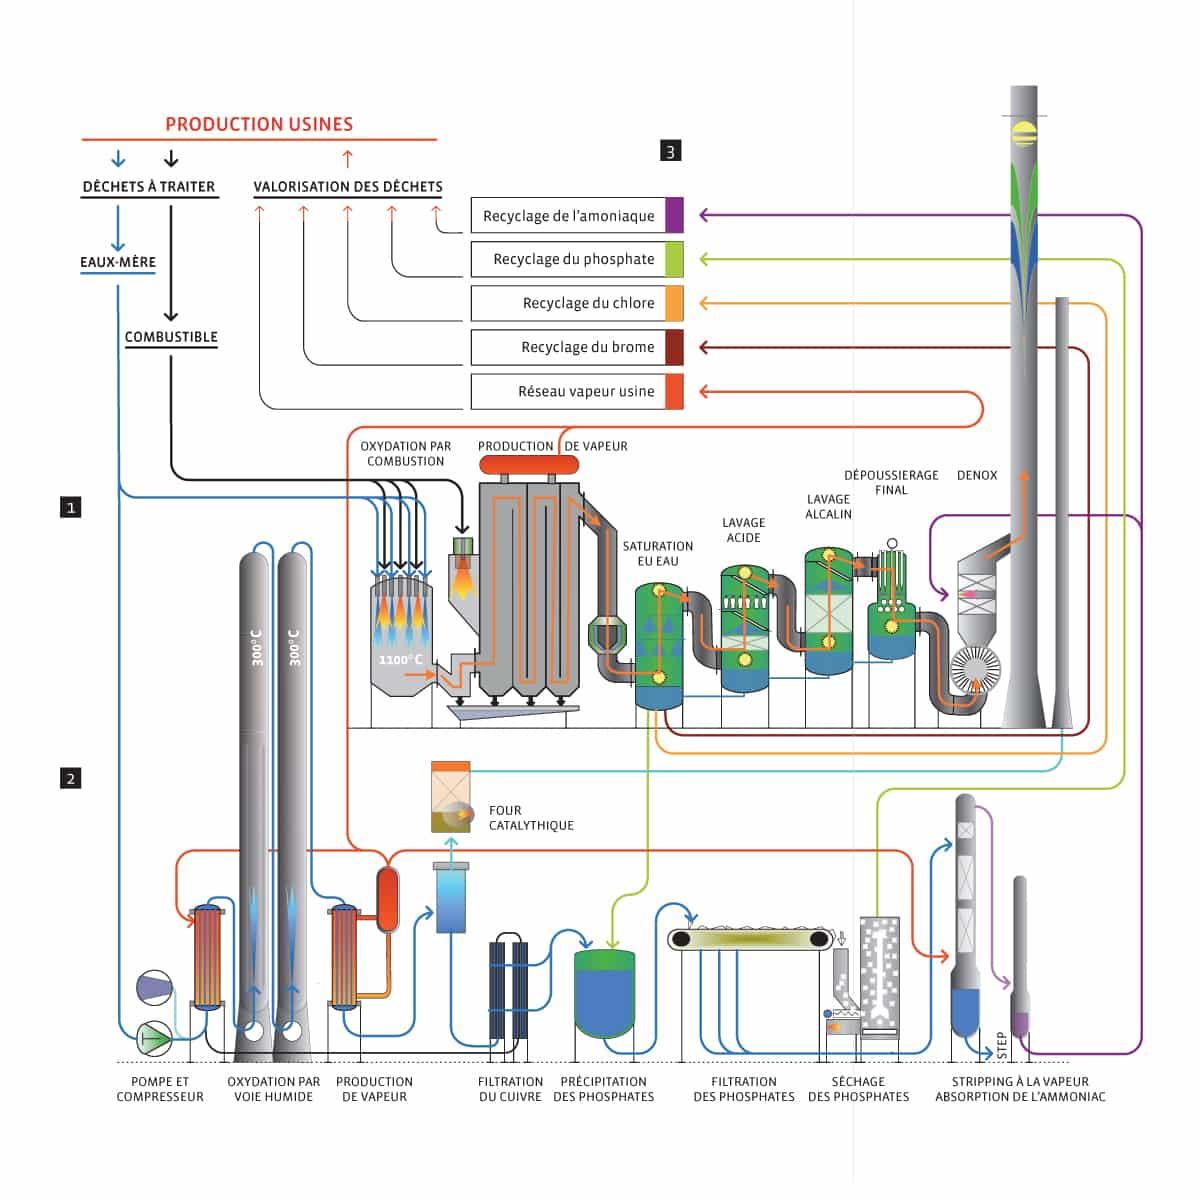 Schéma détaillé des installations de traitement des déchets spéciaux liquides : Fours d'incinération, unité d'oxydation par voie humide (OVH) / CIMO à Monthey